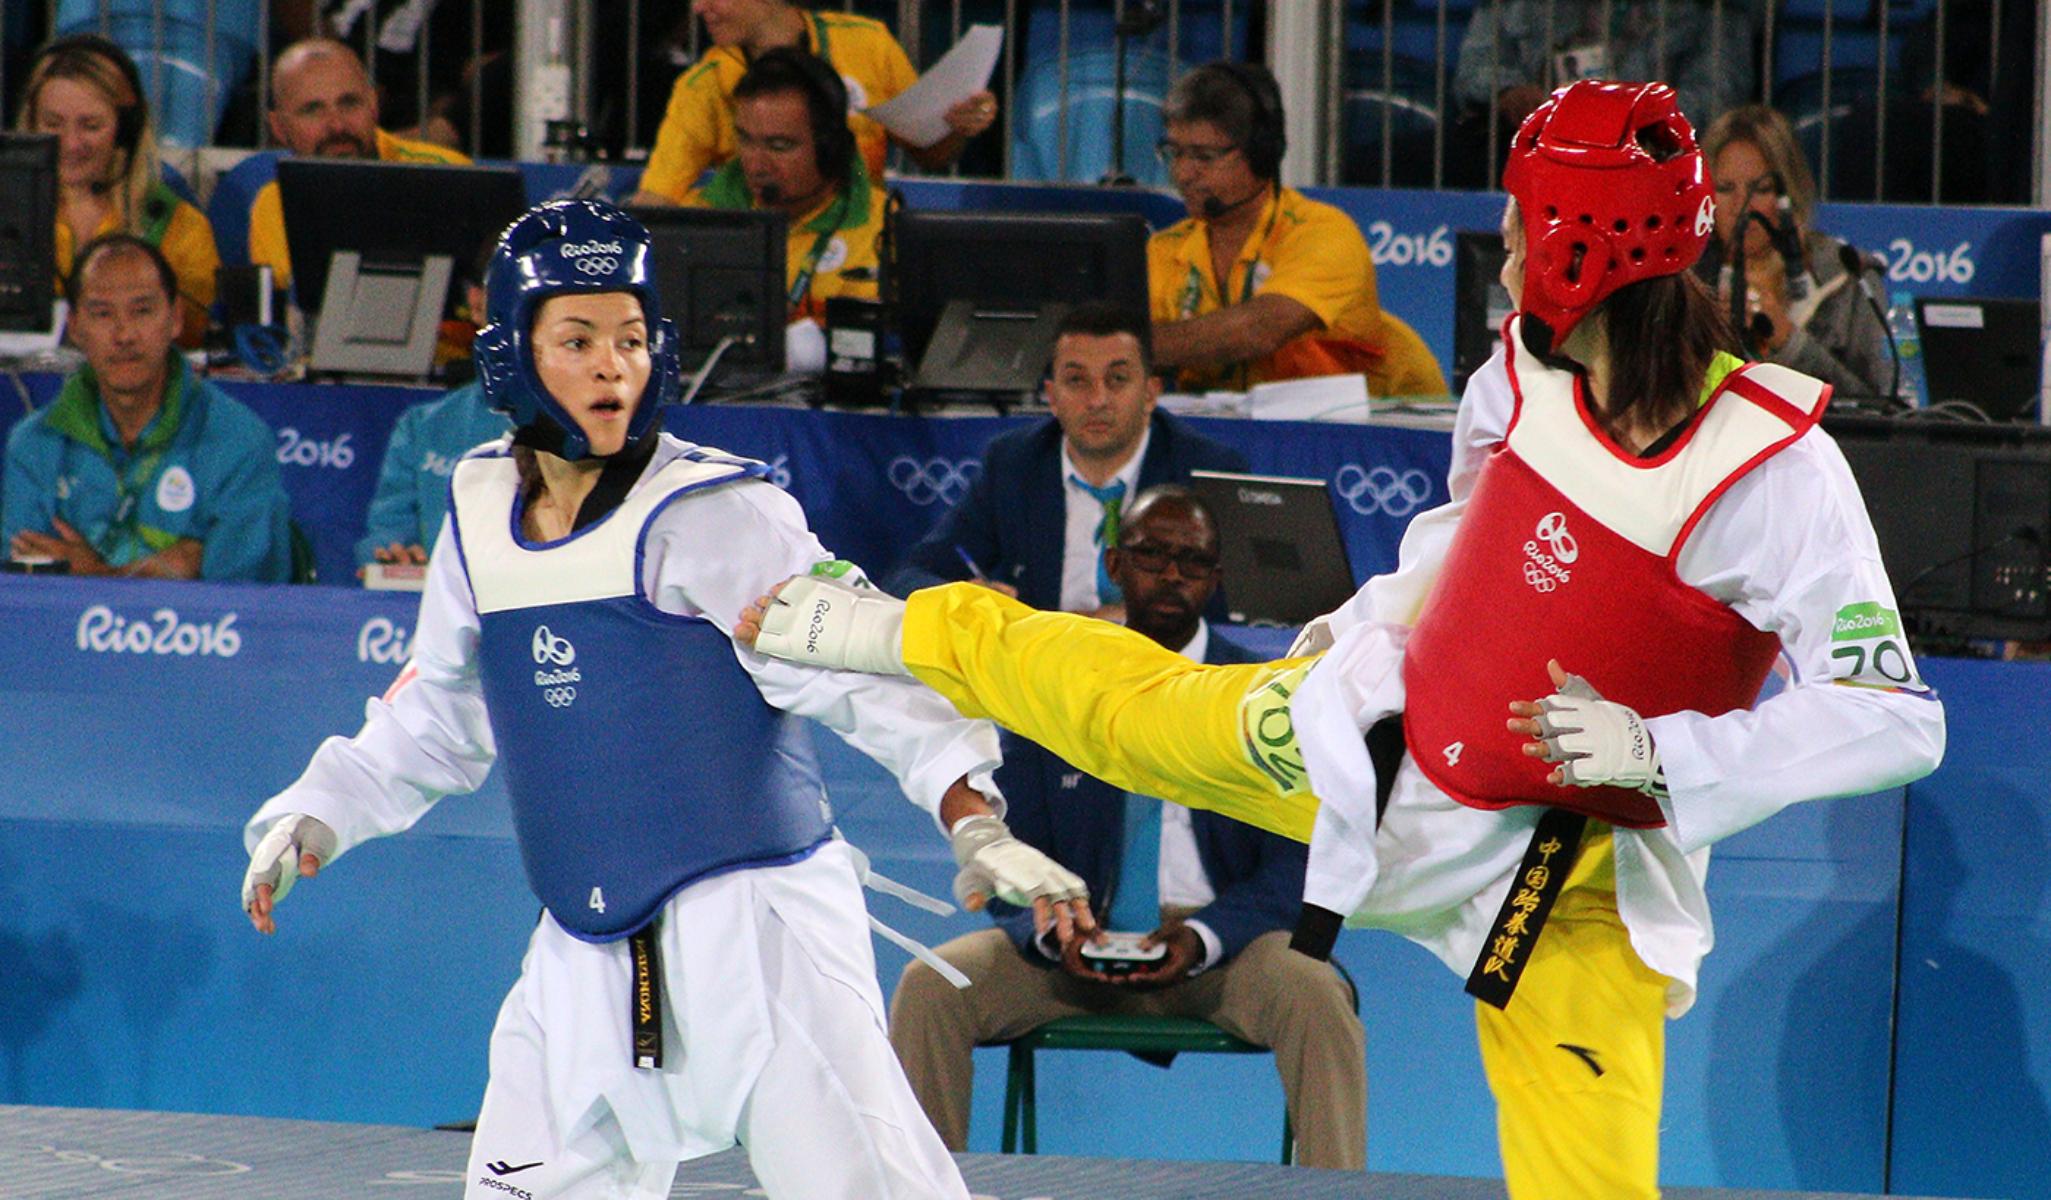 Recibe Cancún Panamericano y Parapanamericano de Taekwondo